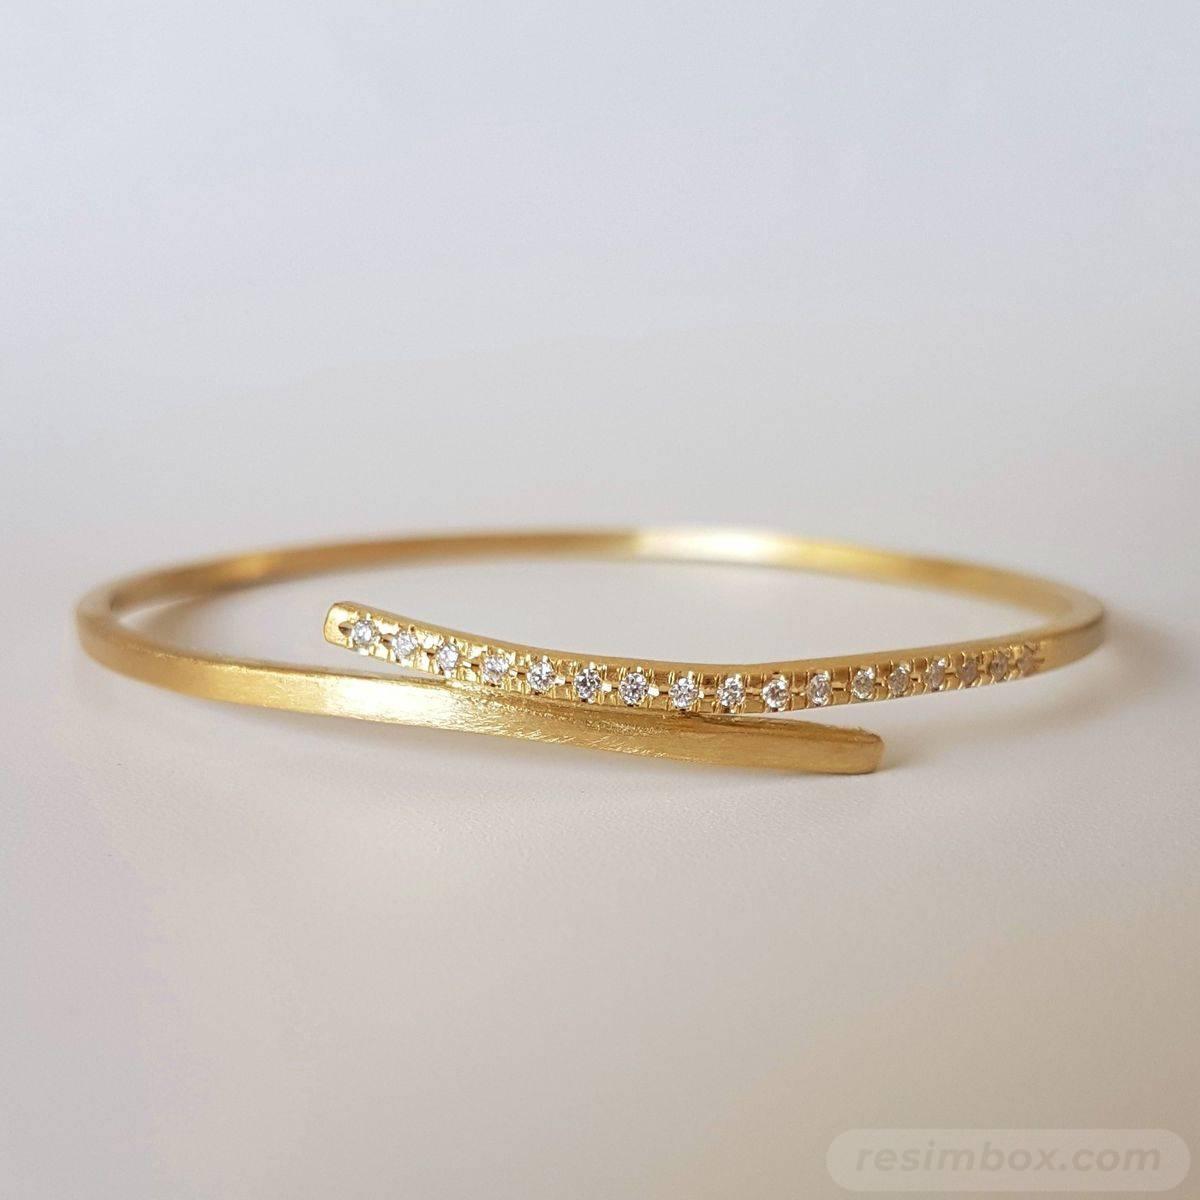 Bangle bracelets-864480090955470114